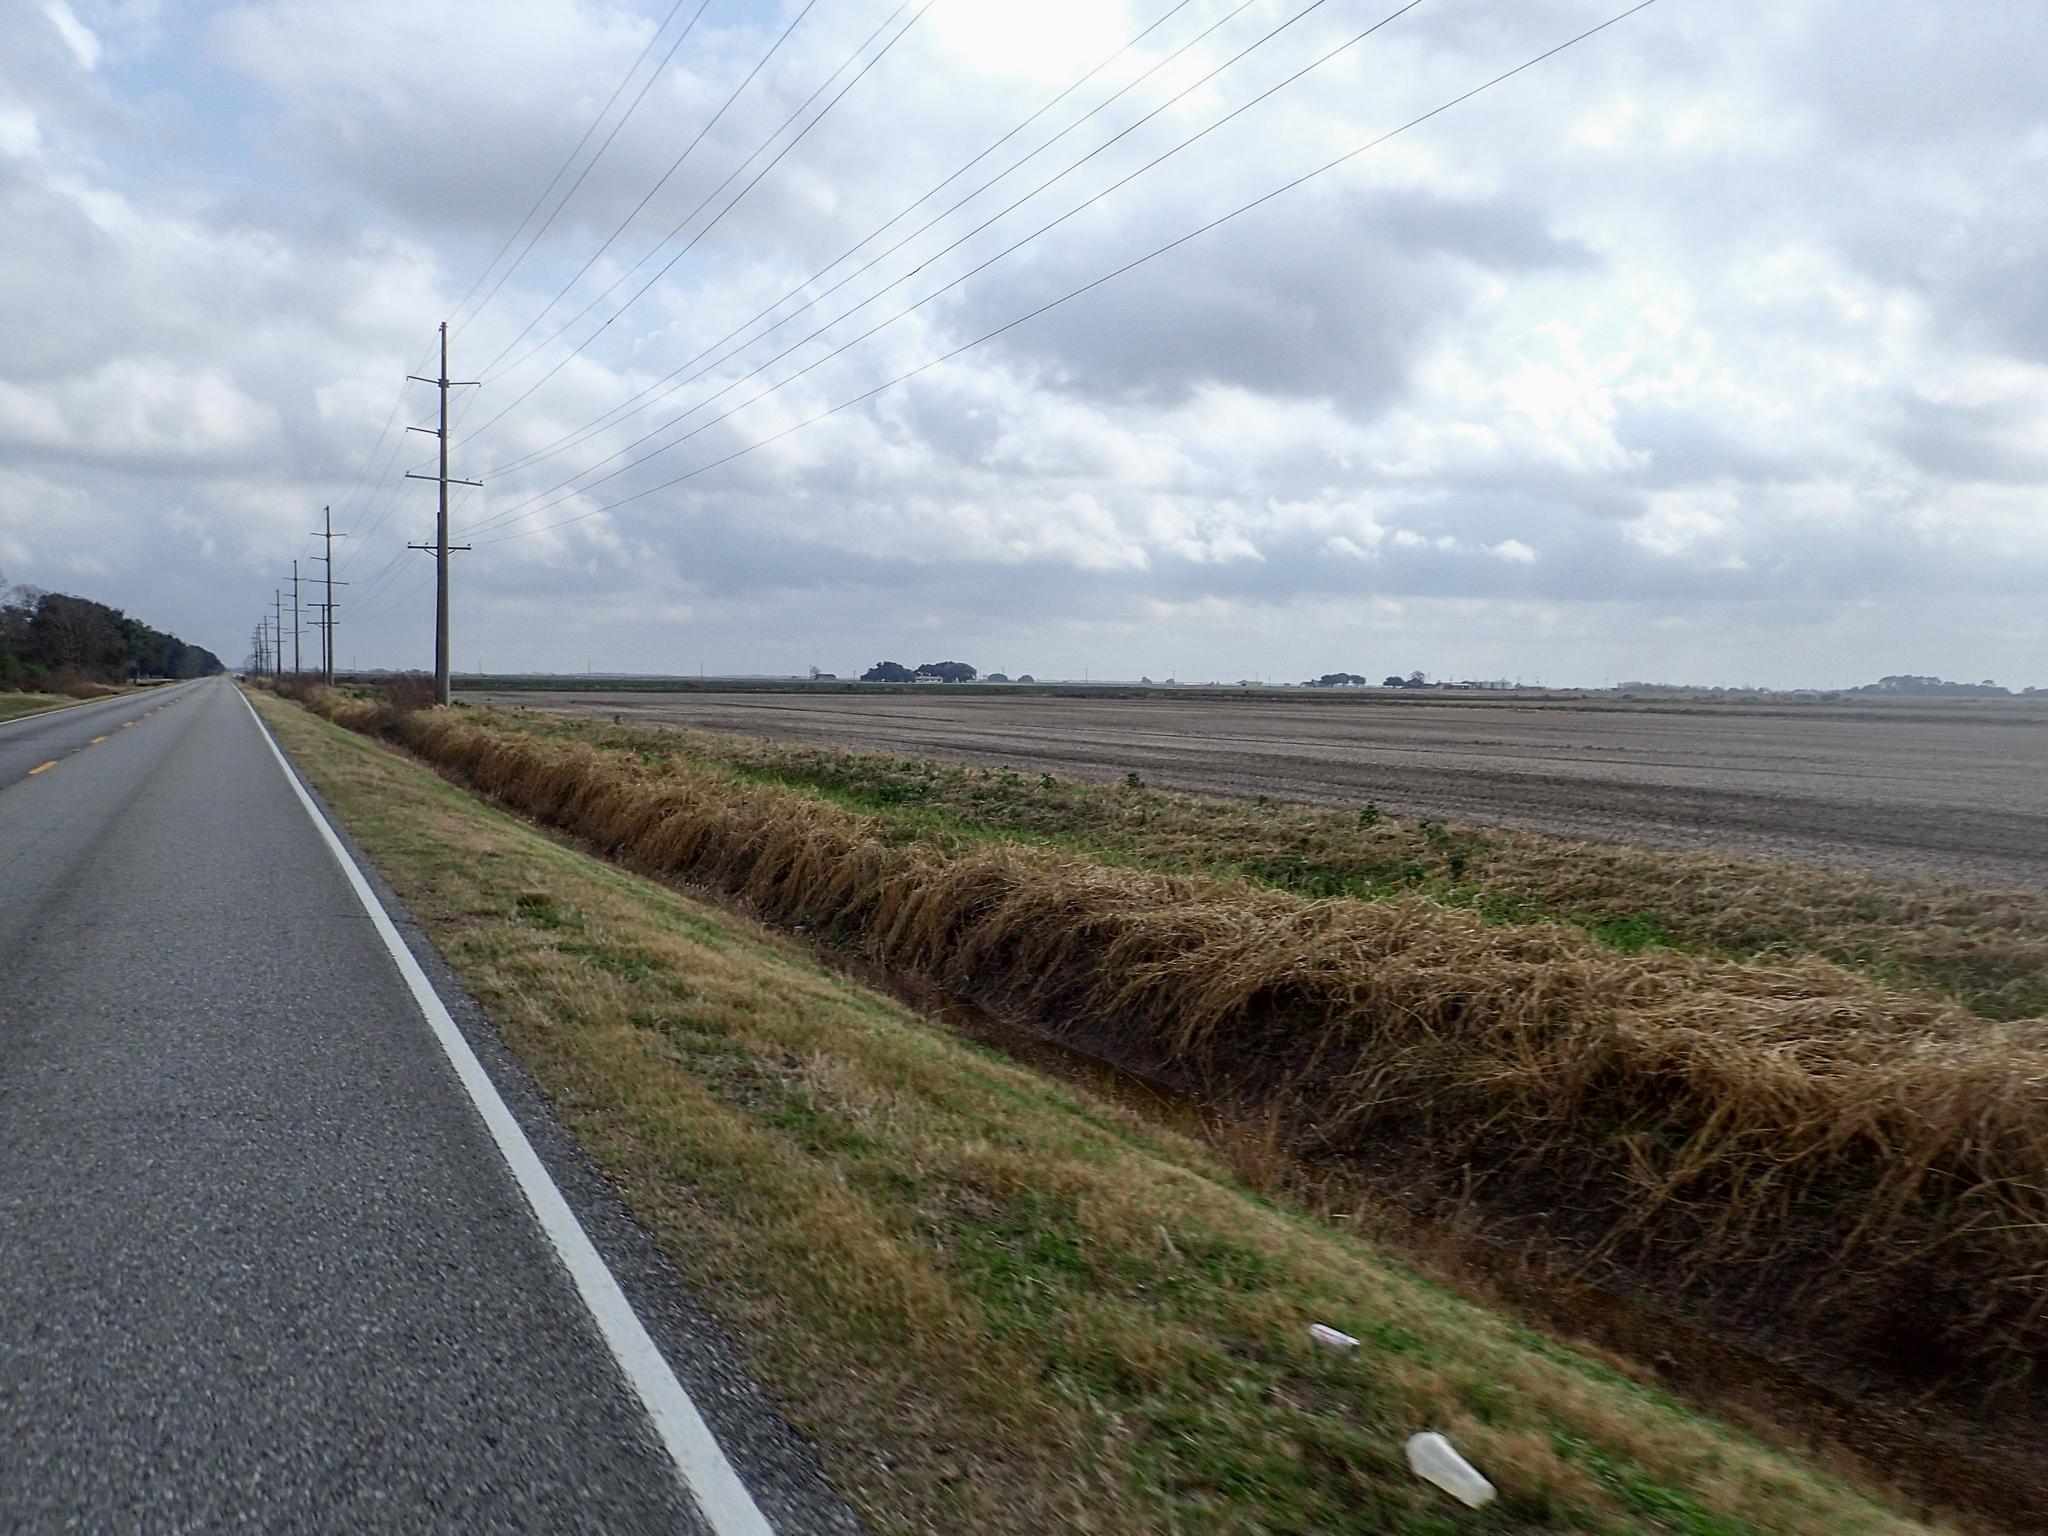 Louisiana road